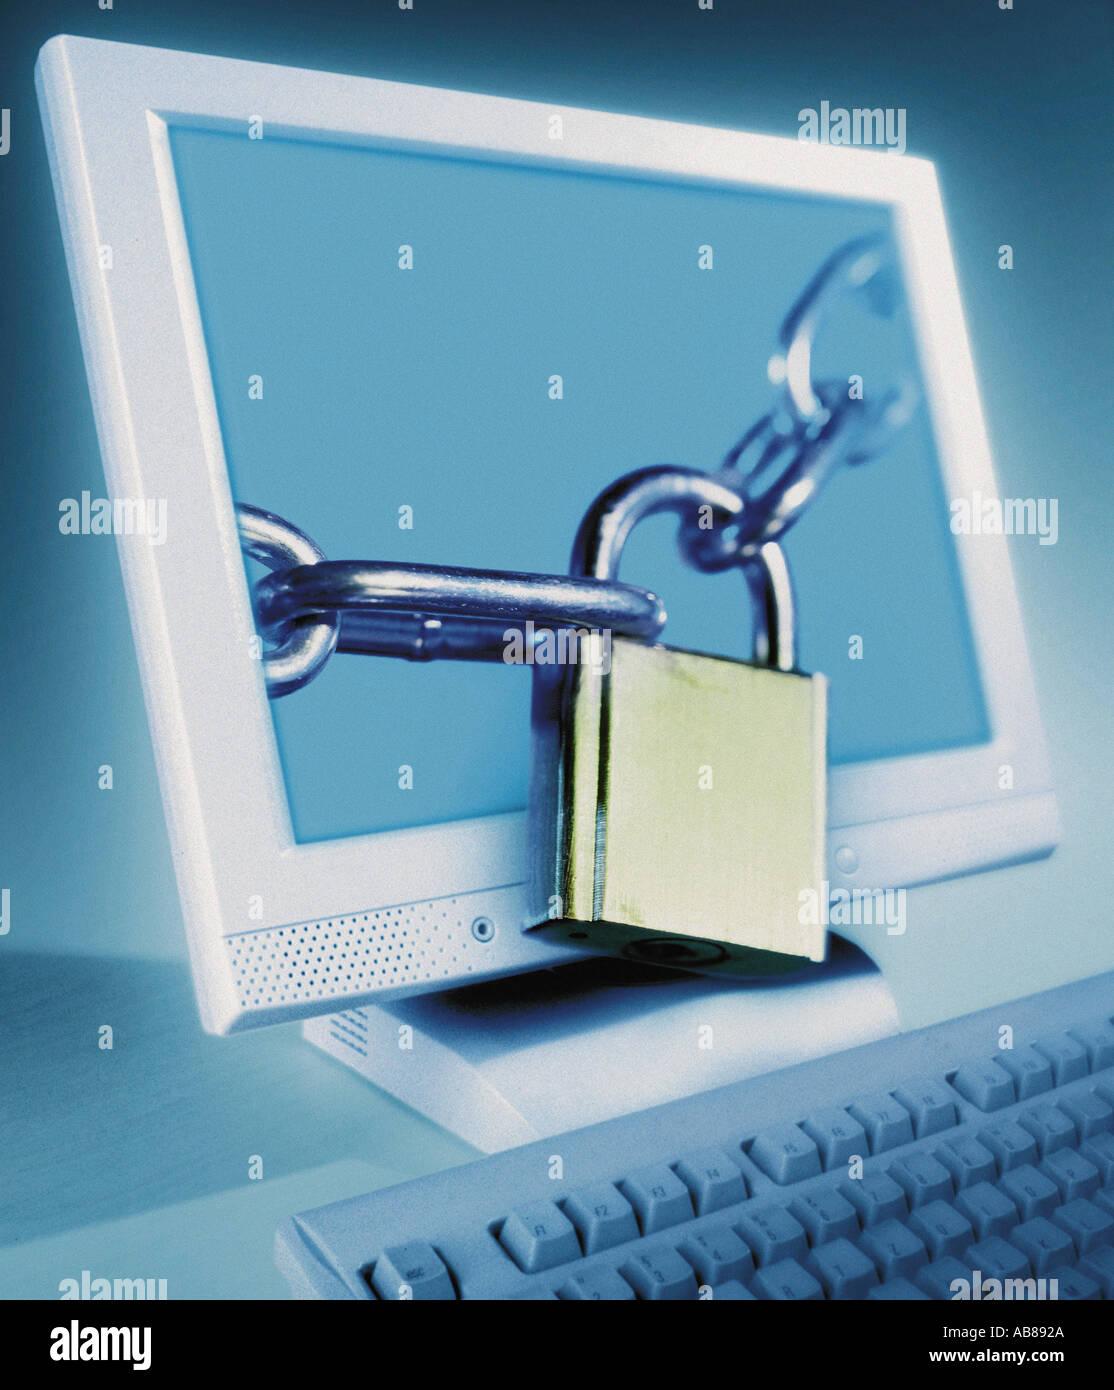 Sécurité électronique Photo Stock